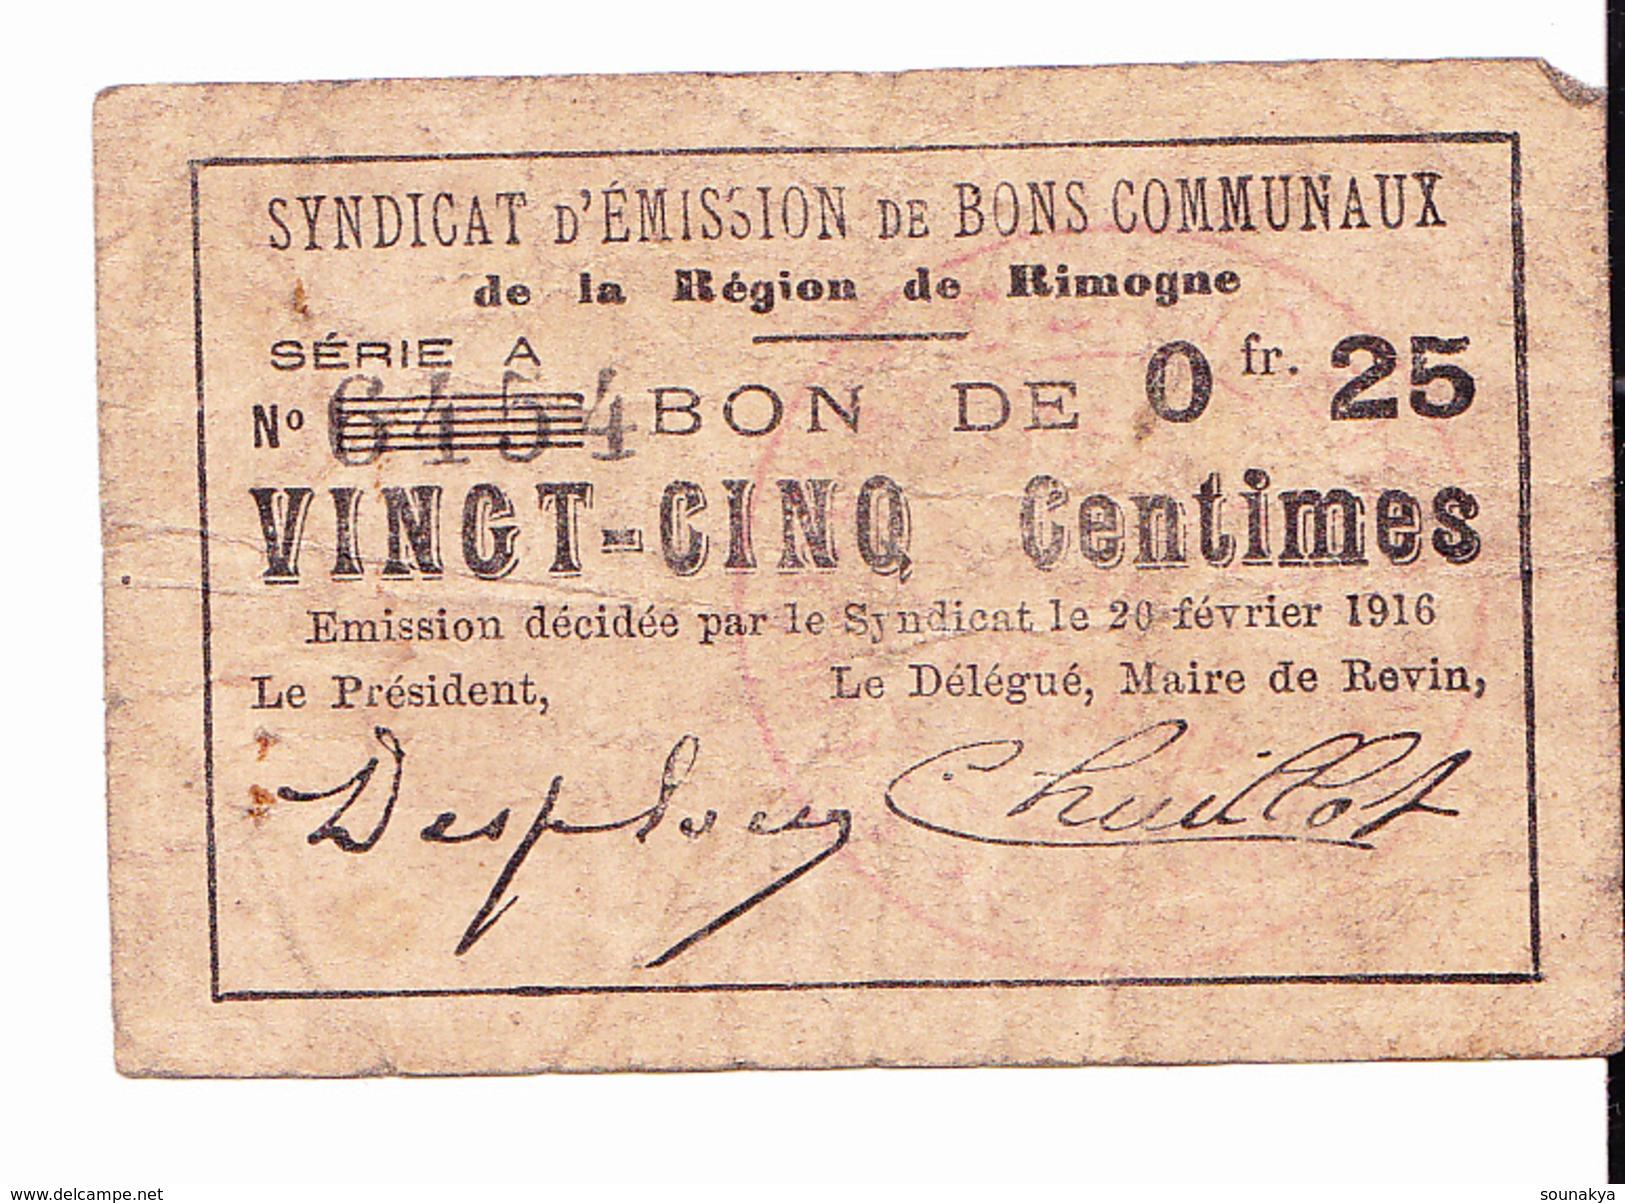 BON De 25c SYNDICAT D'EMISSION De La Région De RIMOGNE 1916 - Bons & Nécessité